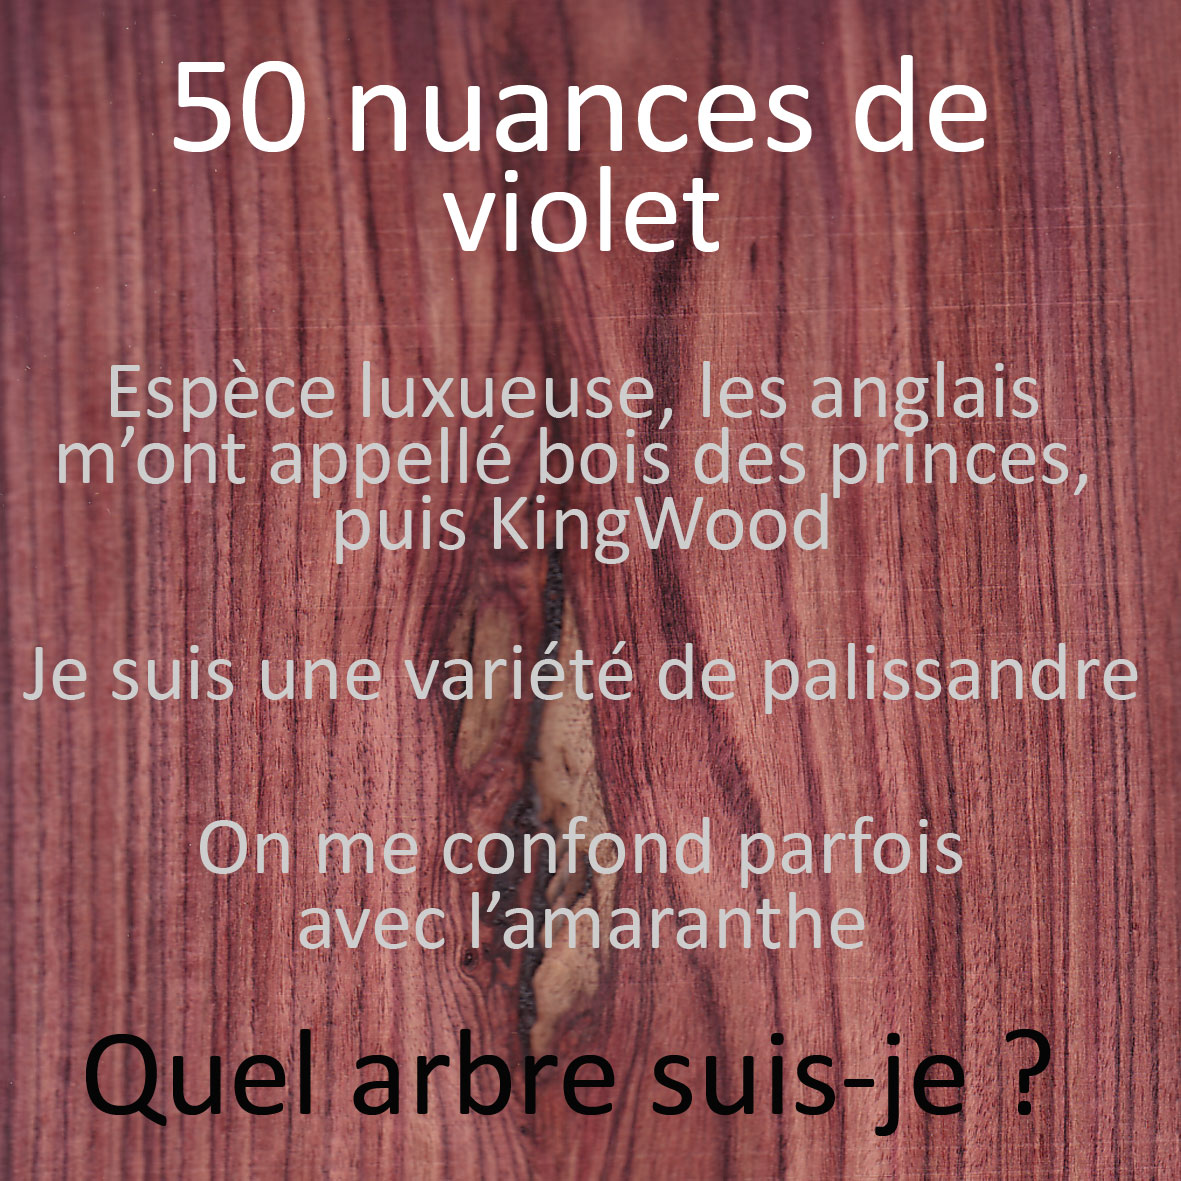 Quiz essences de bois 50 nuances de violet ecoute le bois - Les nuances de violet ...